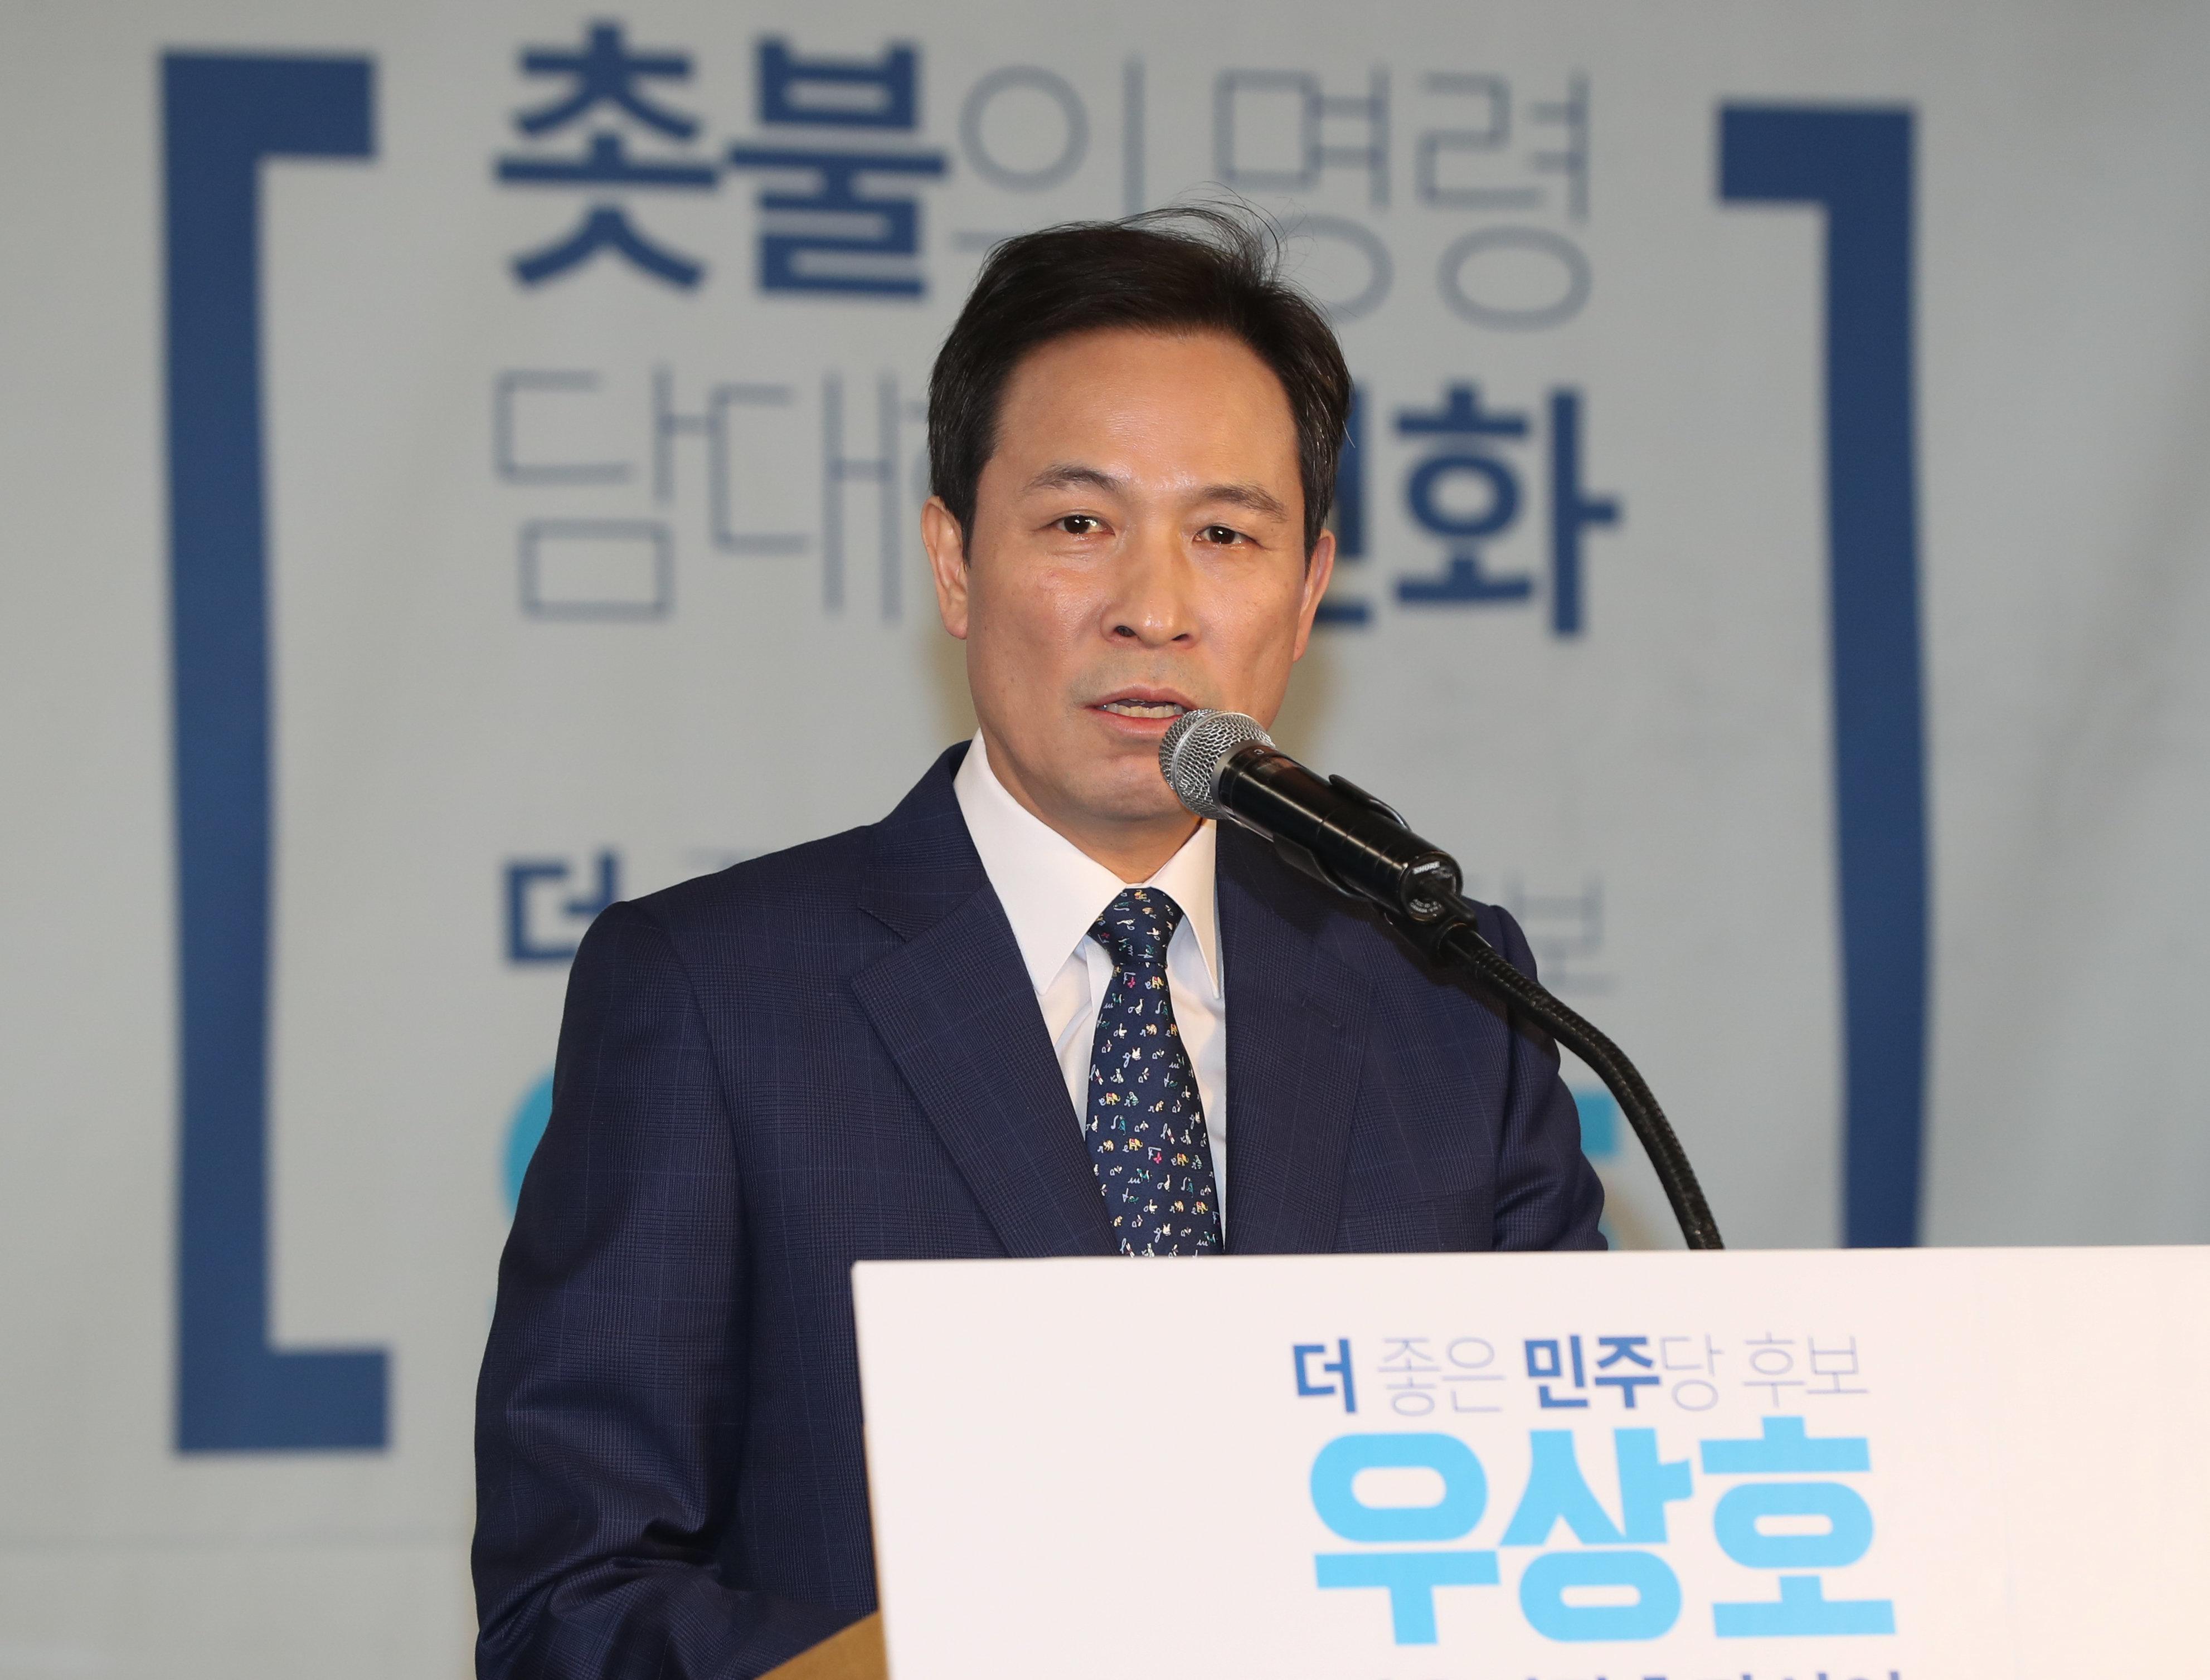 우상호가 서울시장 출마를 공식